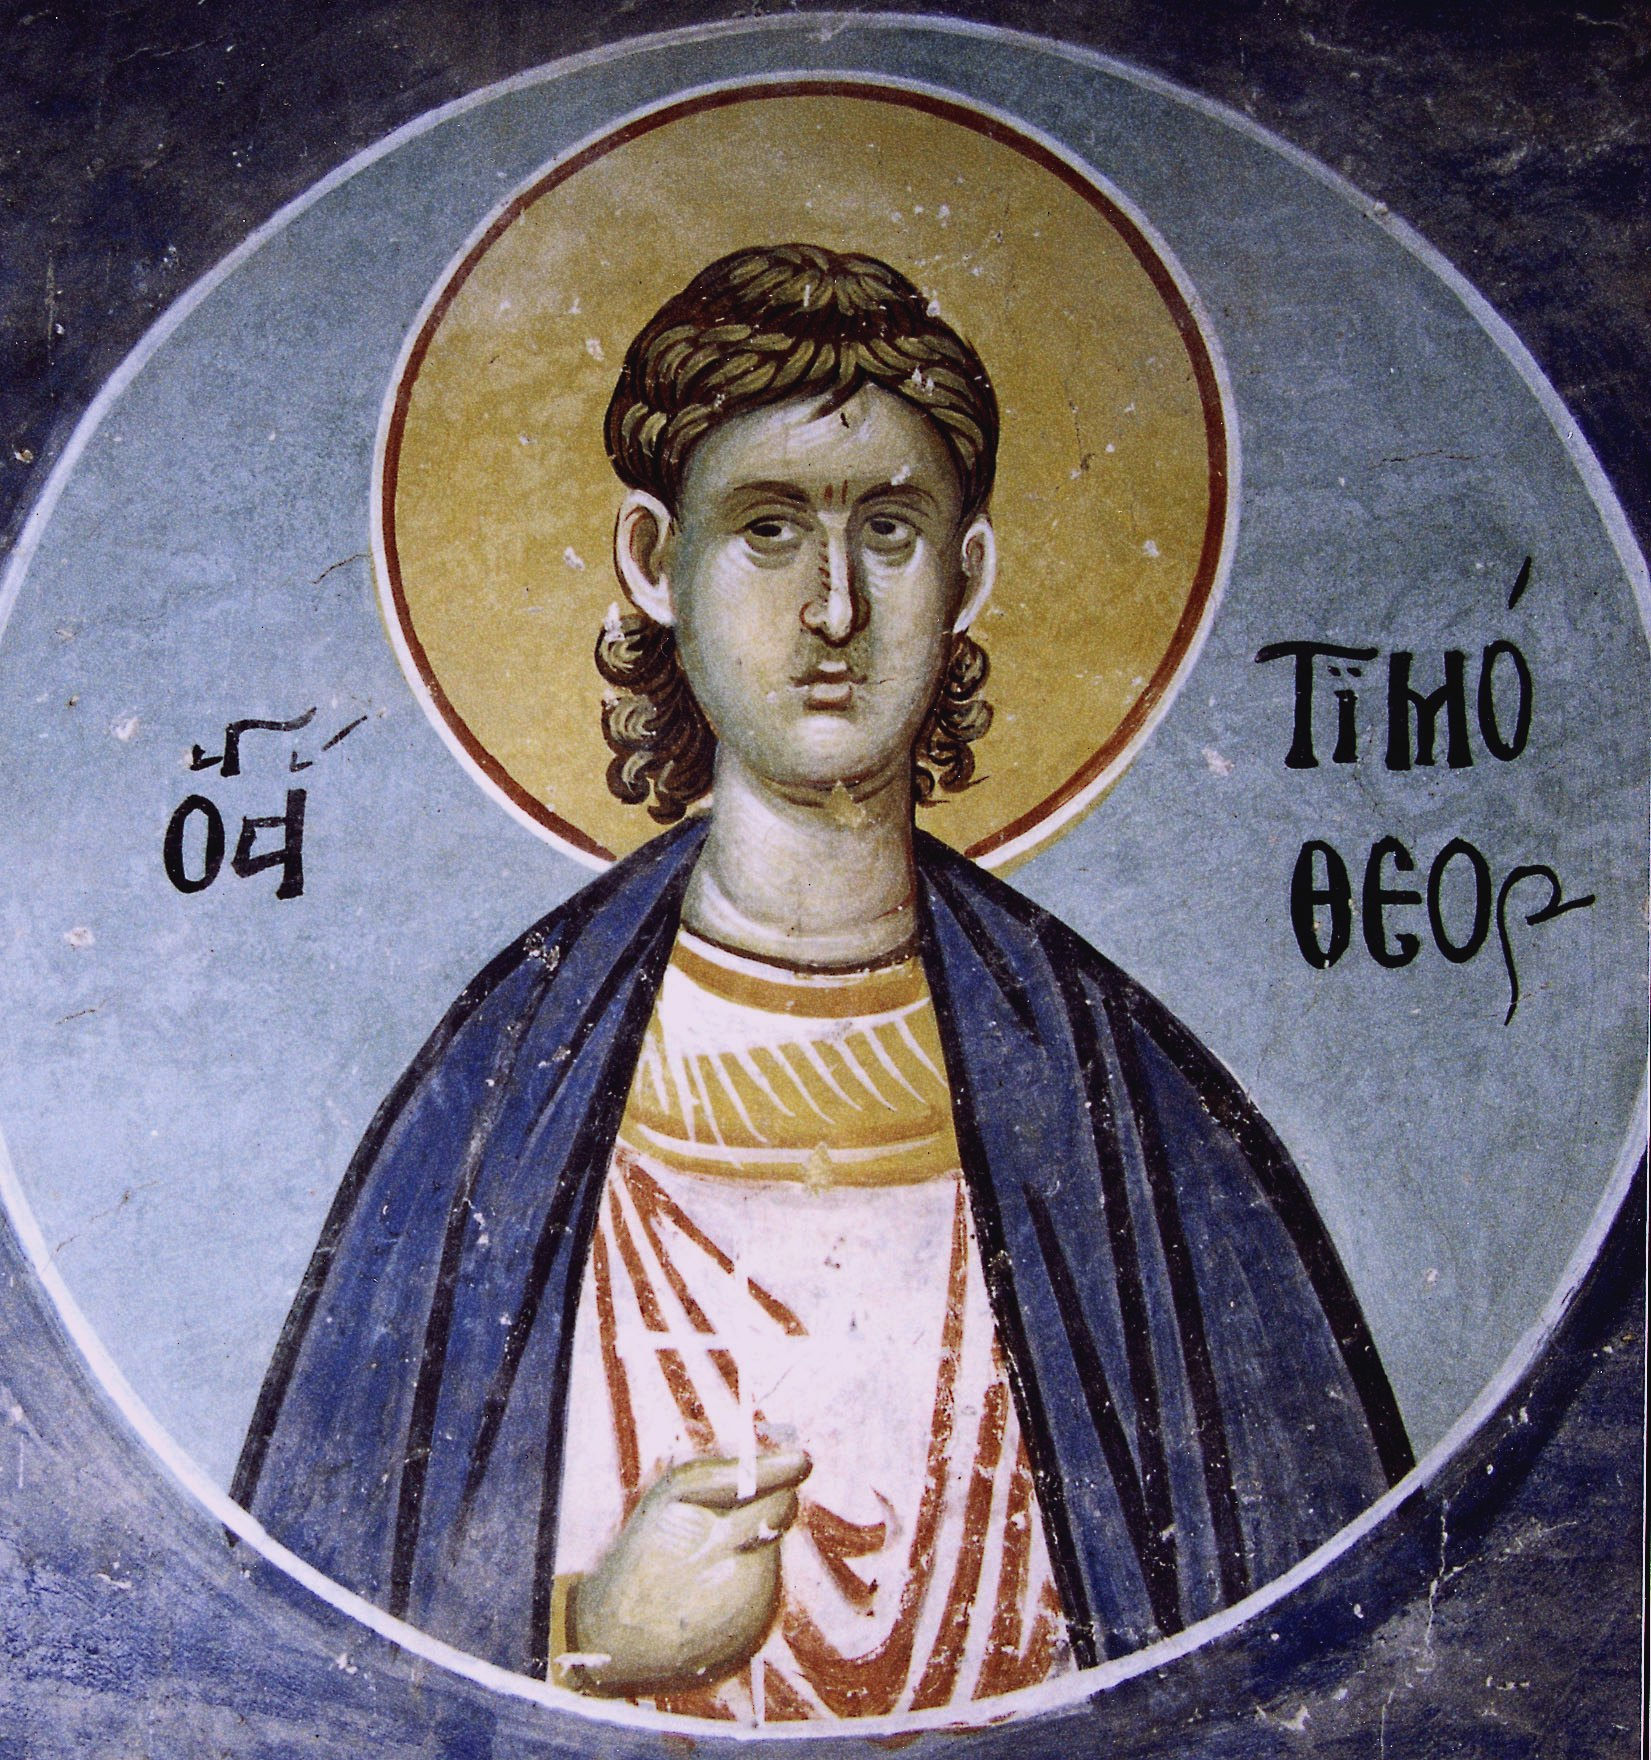 Святой мученик Тимофей. Византийская фреска.